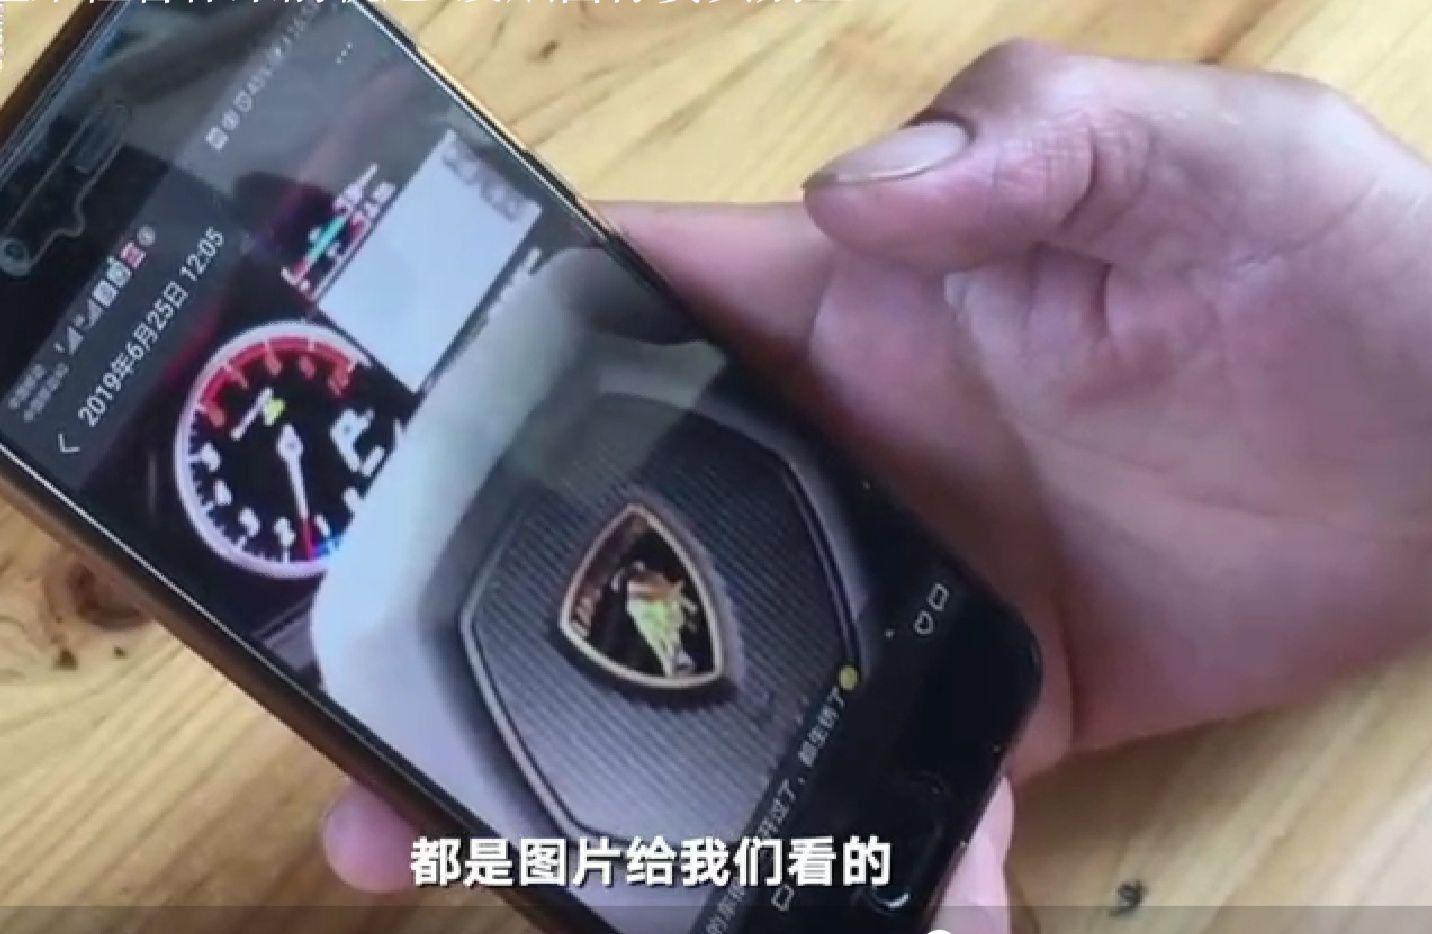 杭州女童失联案追踪:租客曾以伉俪身份入住旅馆